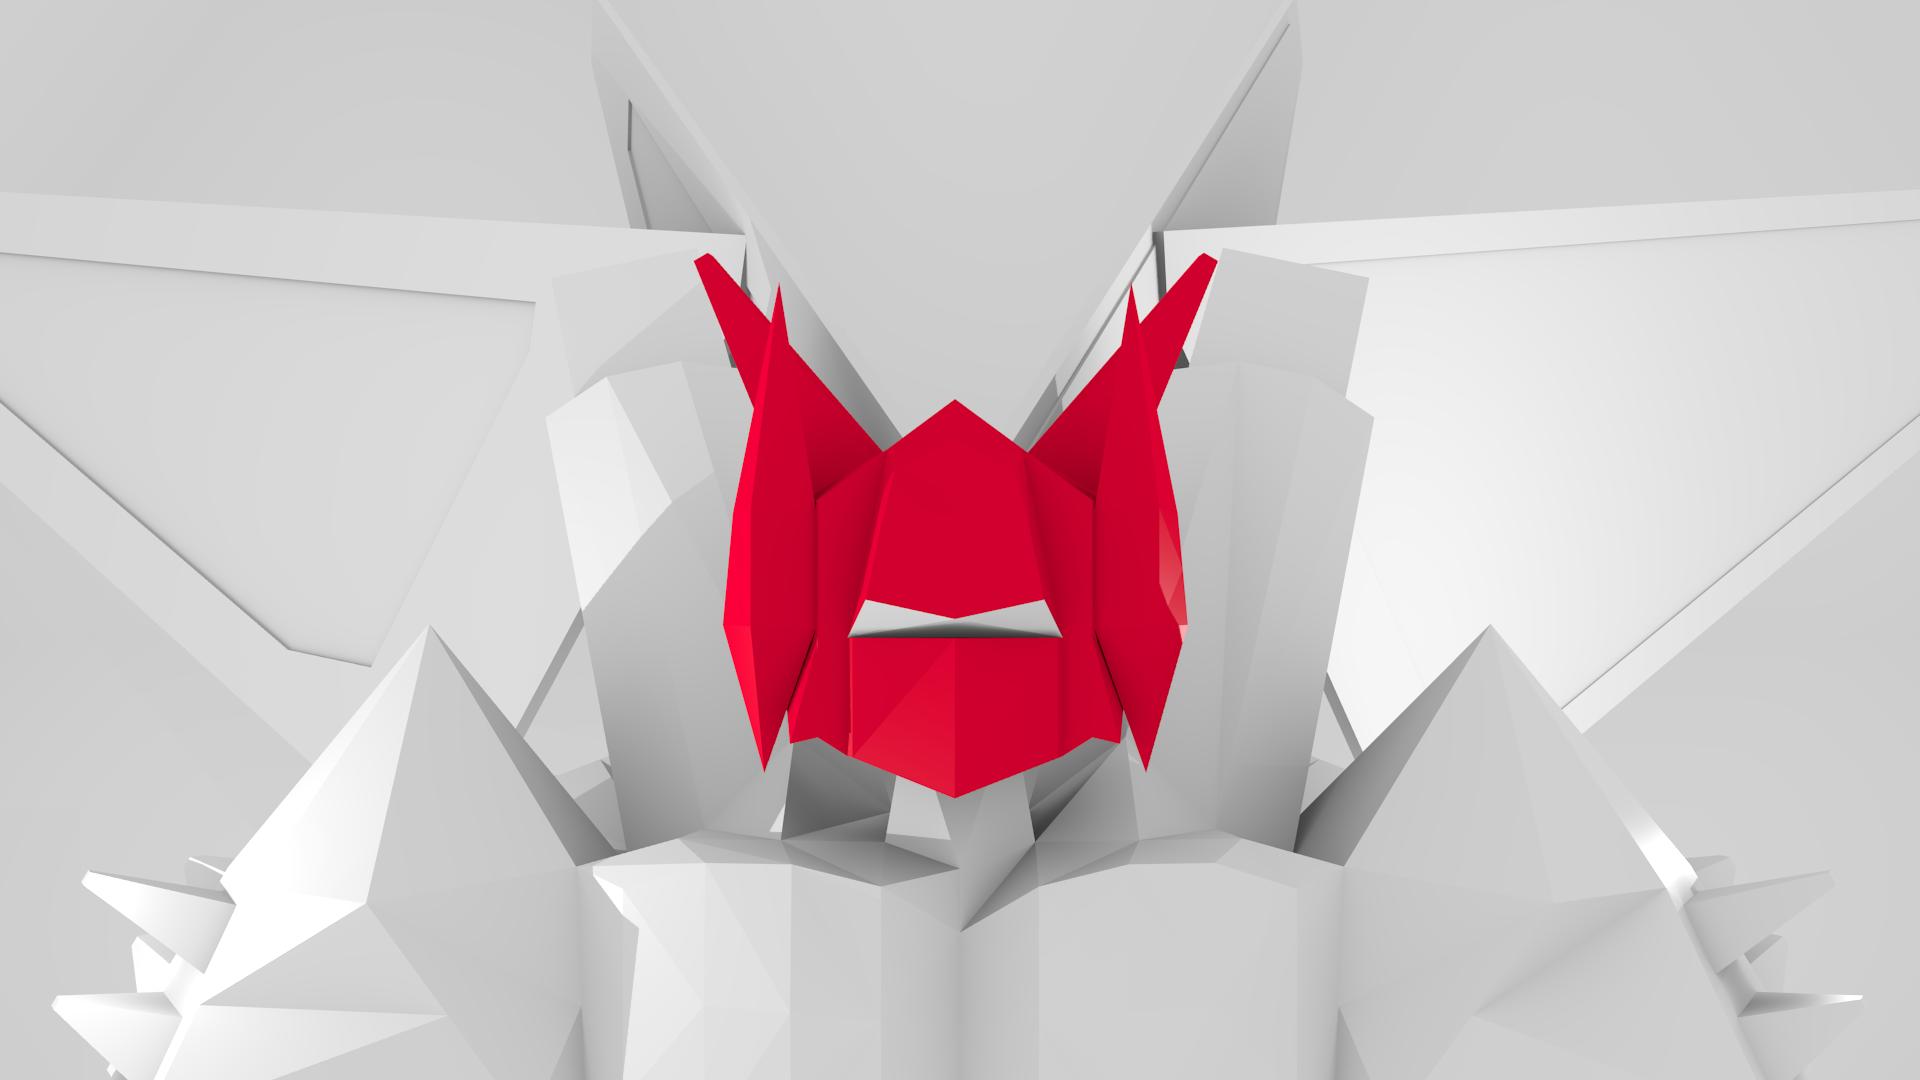 BLENDER_ROBOT_C